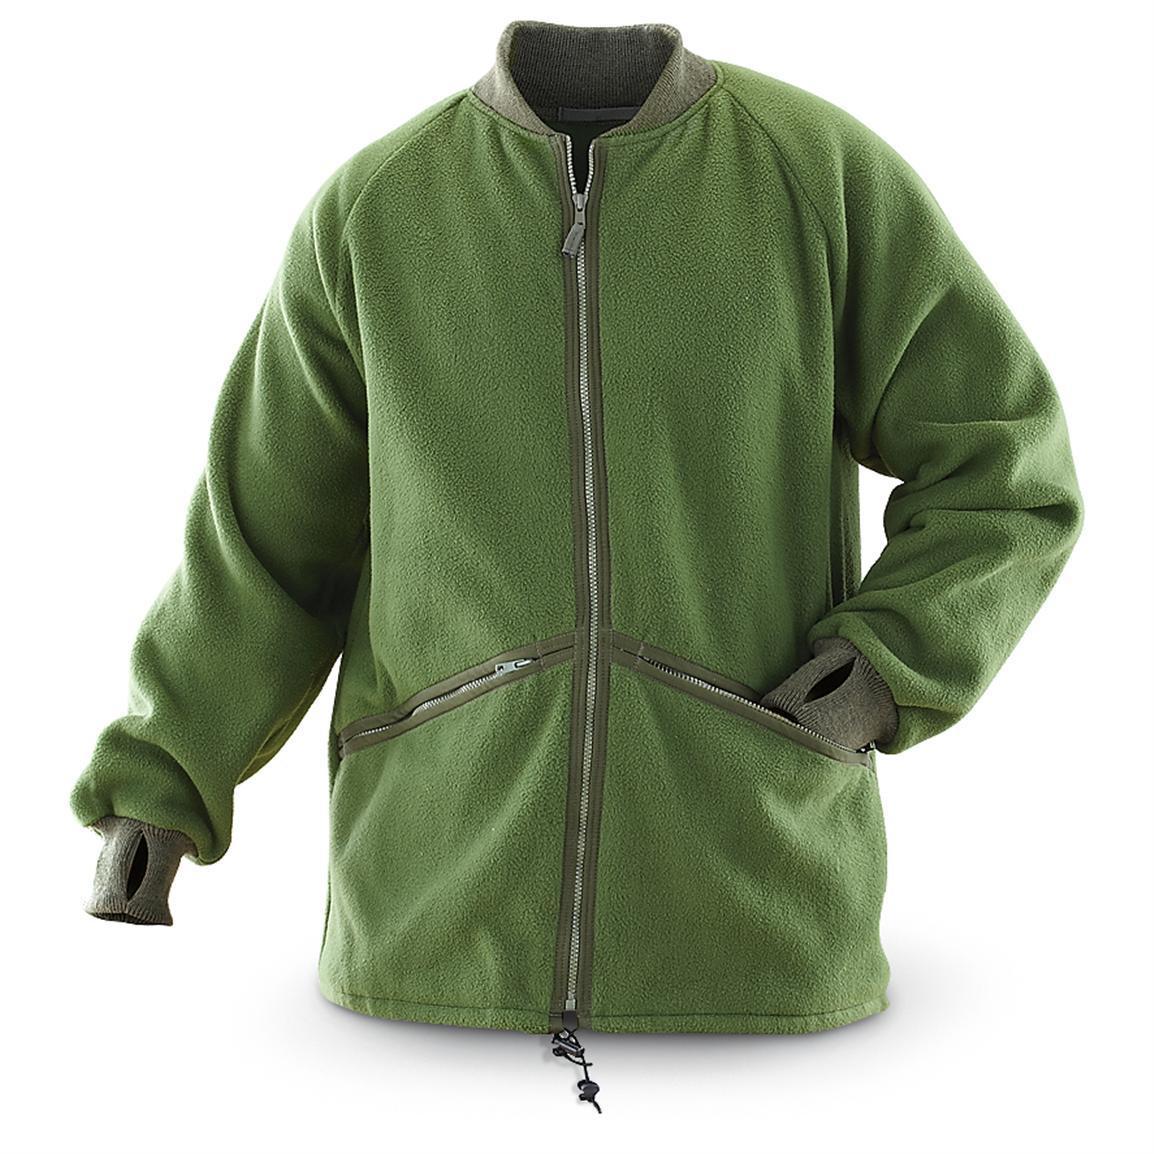 Флисовая куртка-утеплитель оригинал ВС Великобритании 1 сорт - Олива